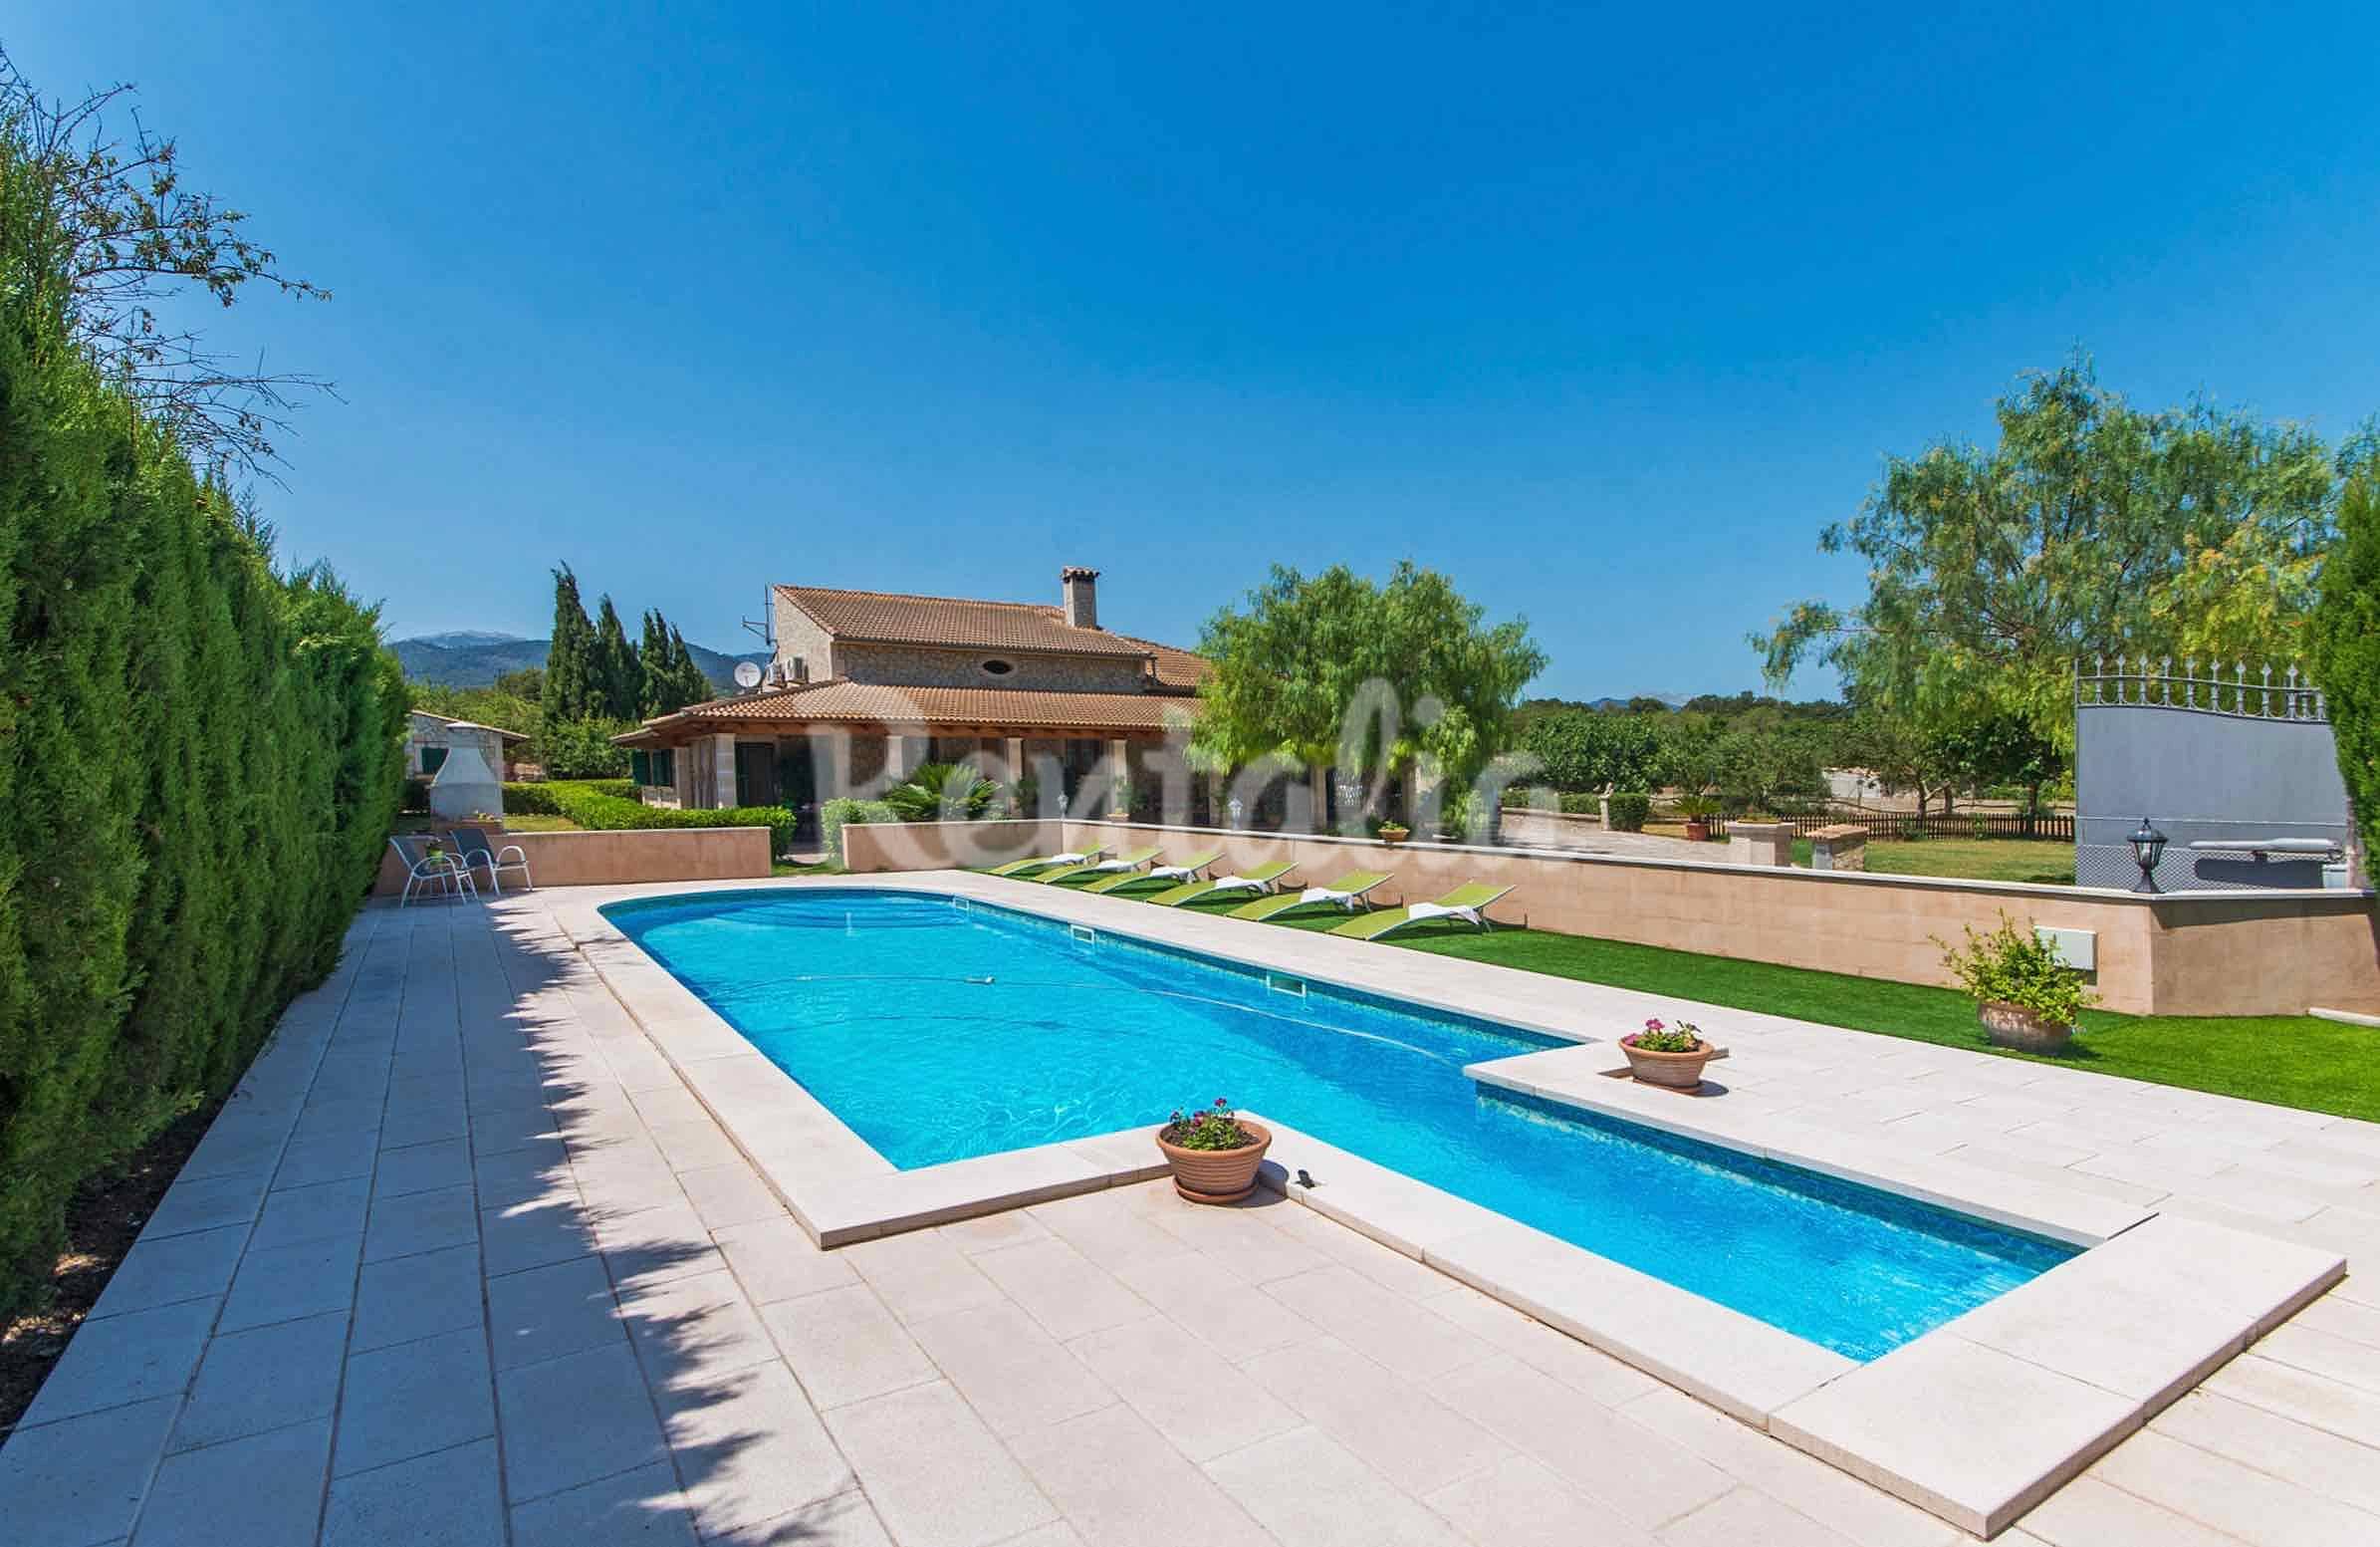 Villa con piscina en el campo mallorqu n lloseta for Piscinas en el campo